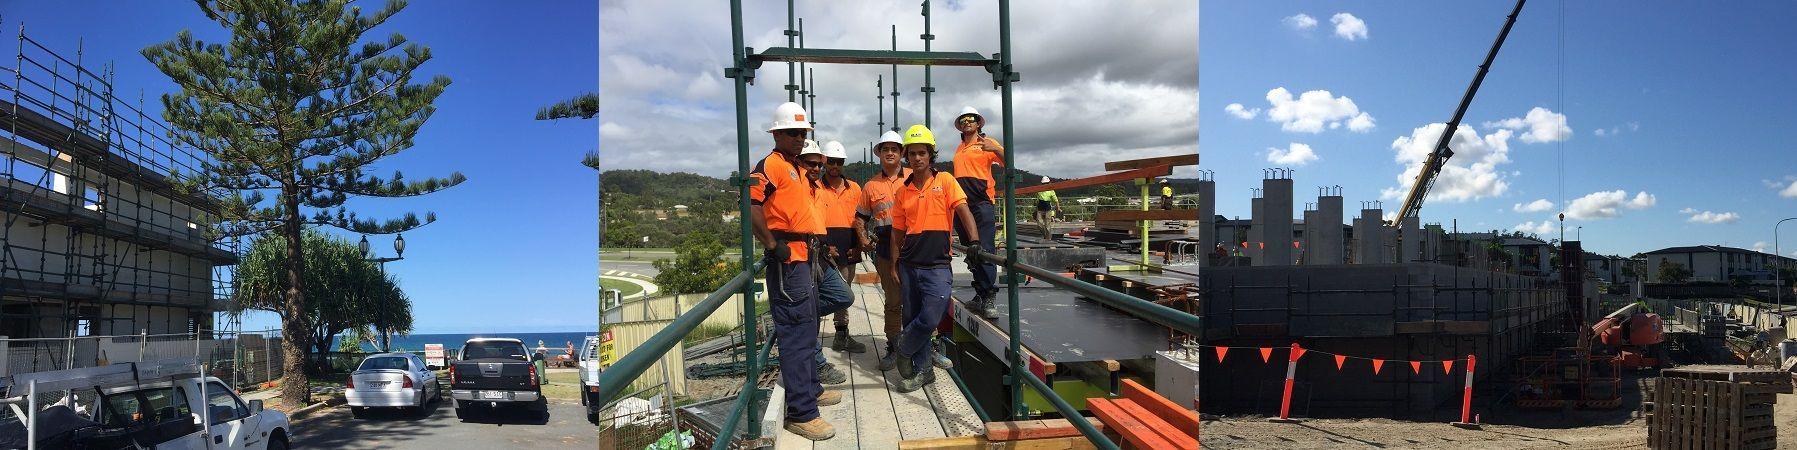 Domestic and Scaffolding Services Australia